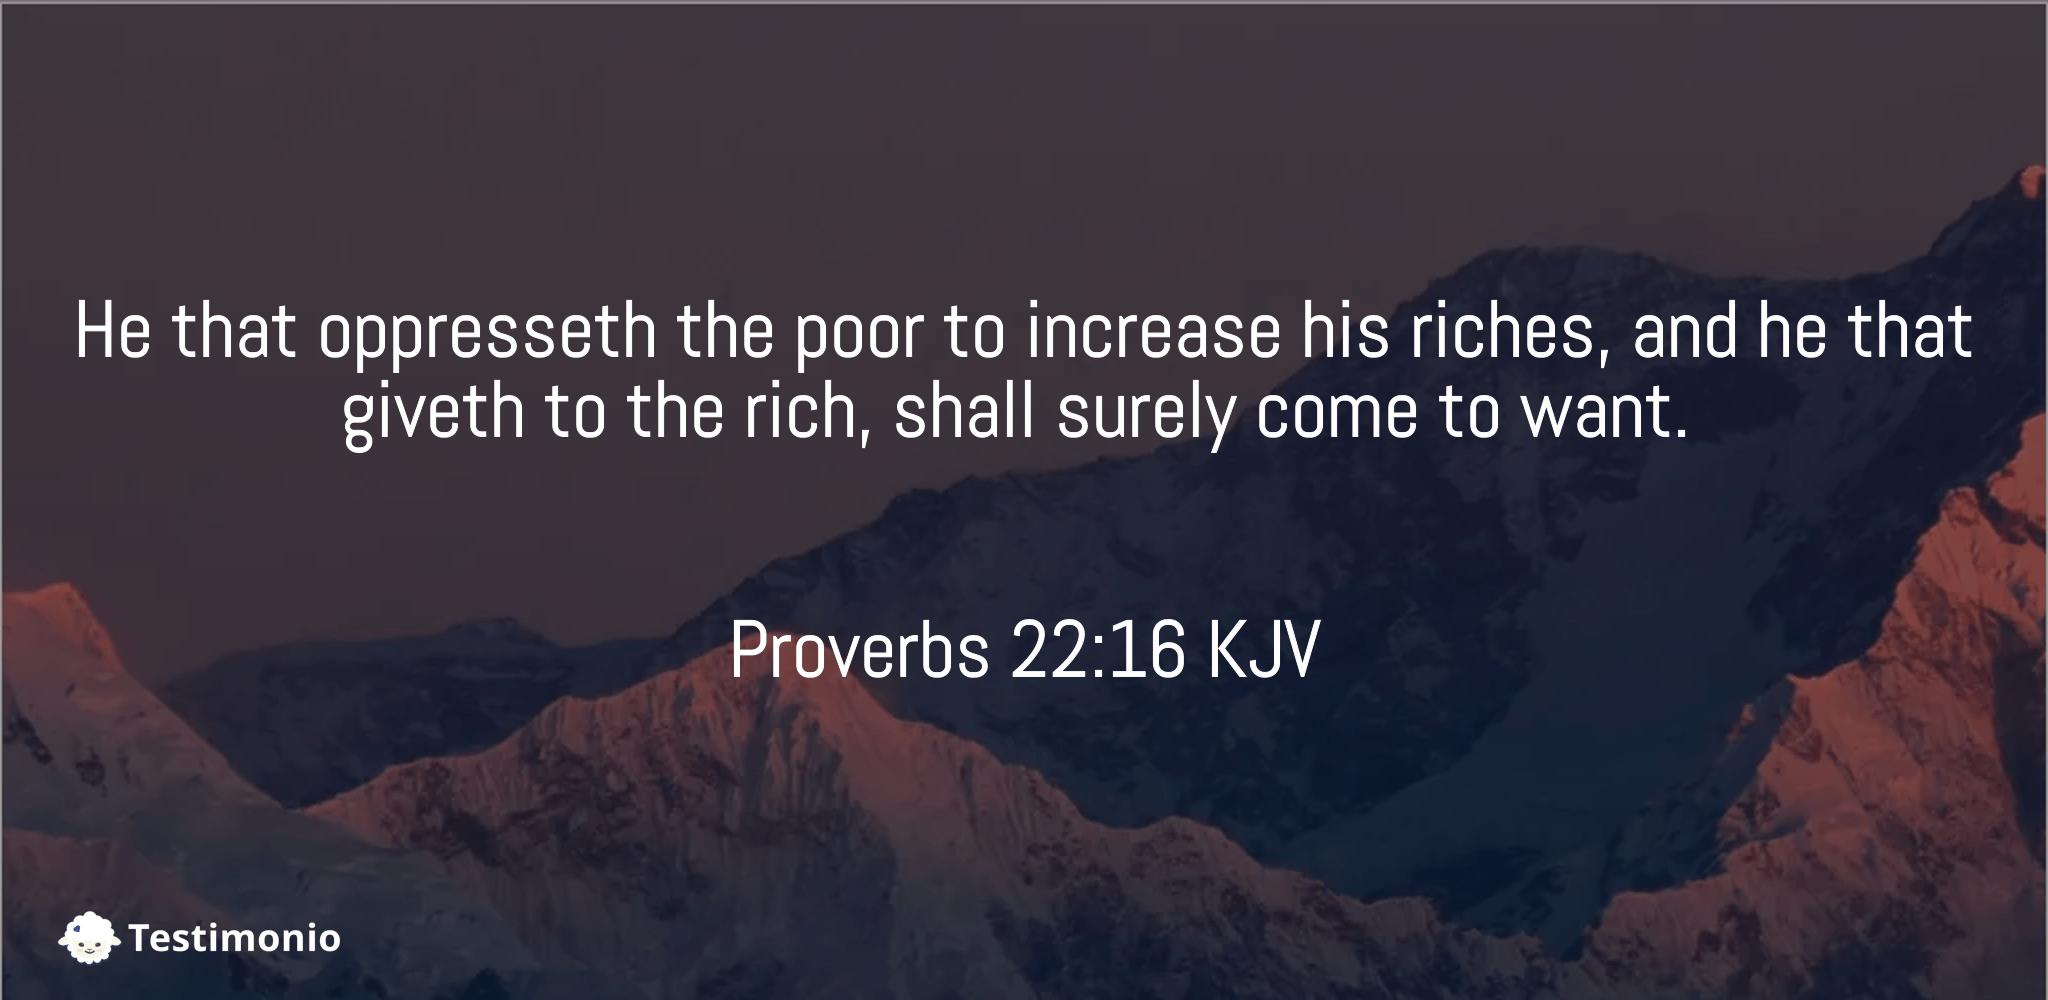 Proverbs 22:16